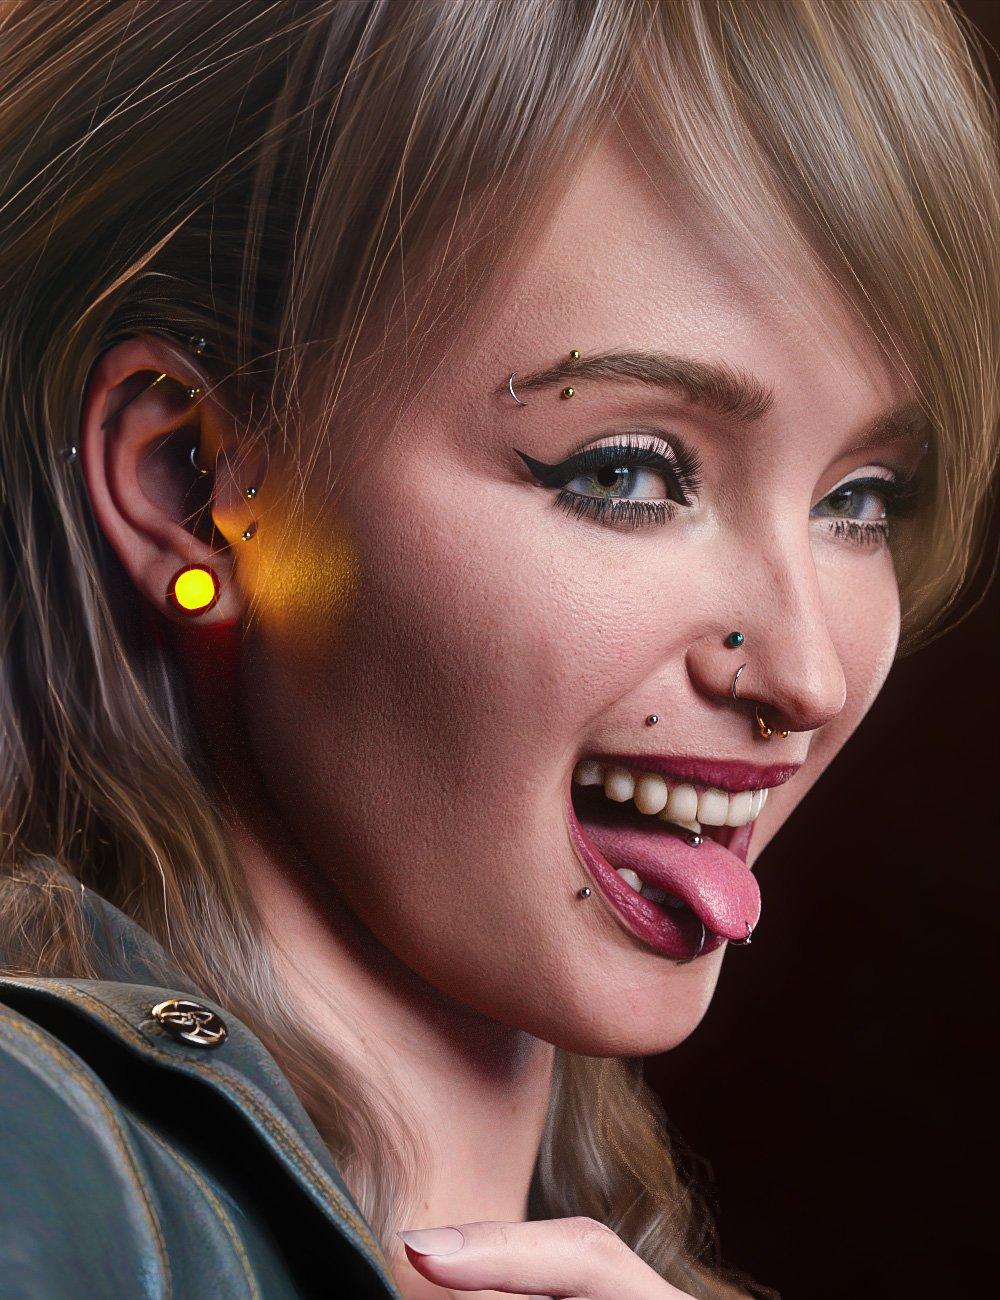 Vario Piercings for Genesis 8.1 Female by: Arki, 3D Models by Daz 3D